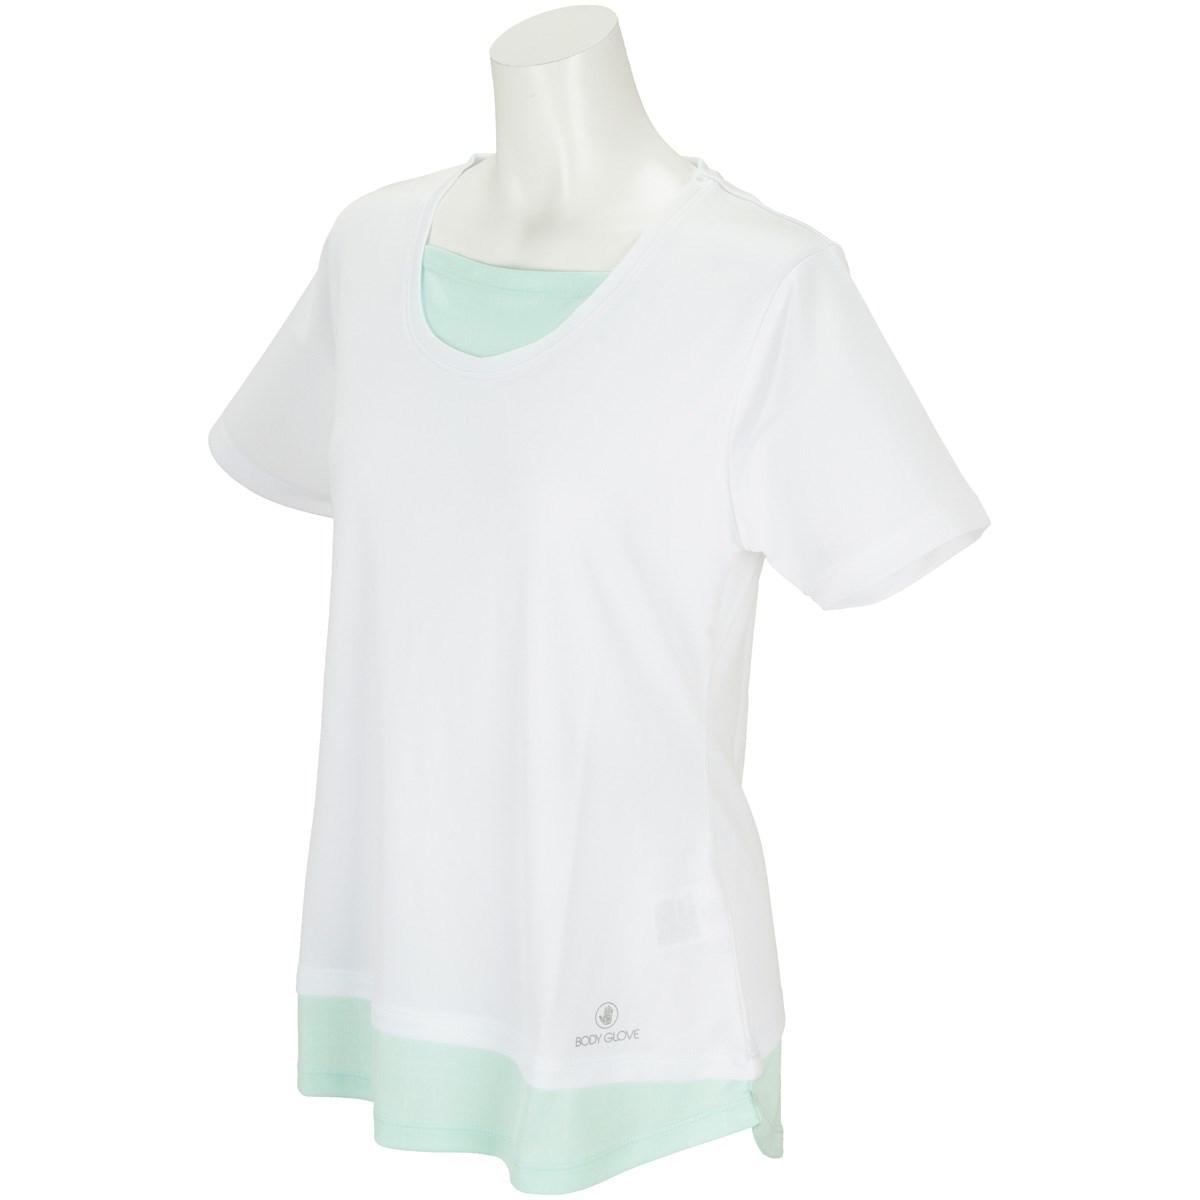 ボディグローブ BODY GLOBE フェイクレイヤード半袖Tシャツ M ホワイト レディス